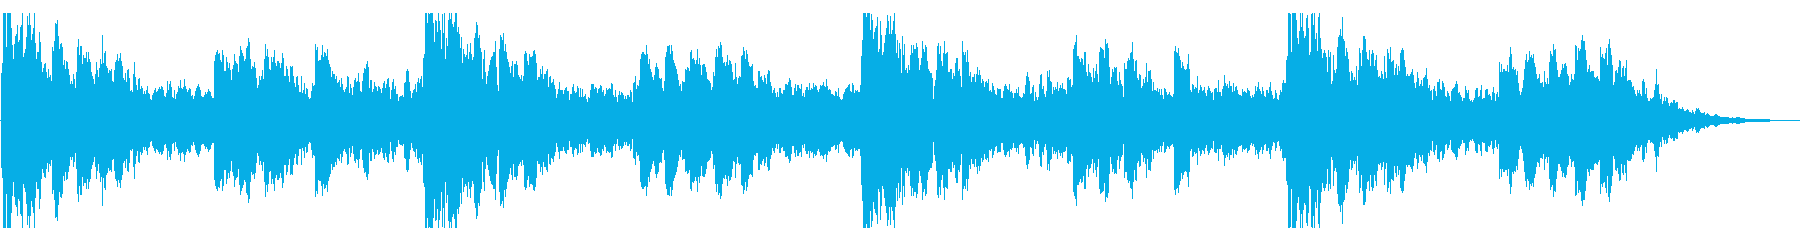 オルゴールの旋律が不気味なホラー曲の再生済みの波形